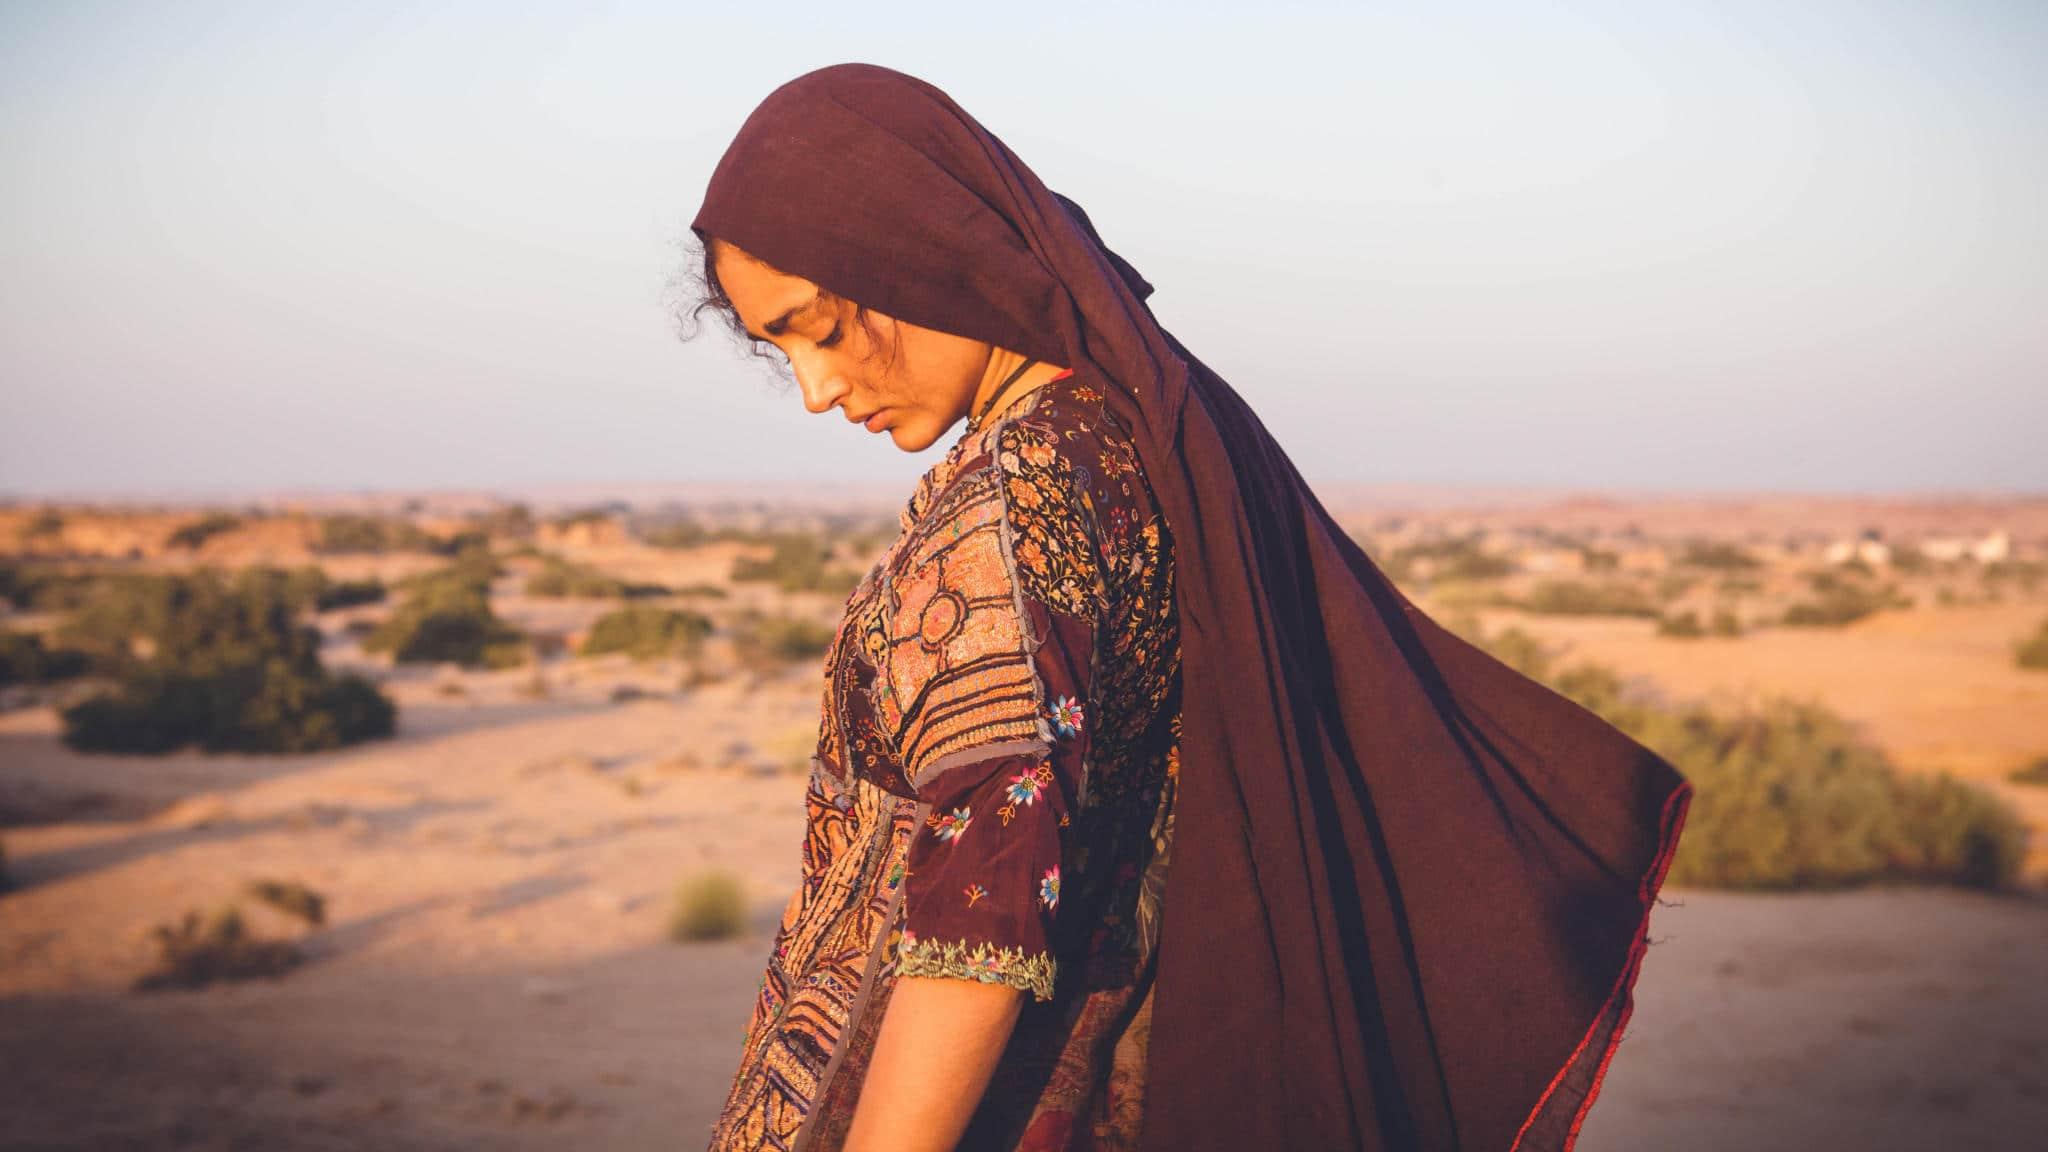 इरफान खान अनूप सिंह की फिल्म में होने वाले थे औरत की तरह तैयार, कॉपन्सेप्ट सुनकर खूब हँसे थे!